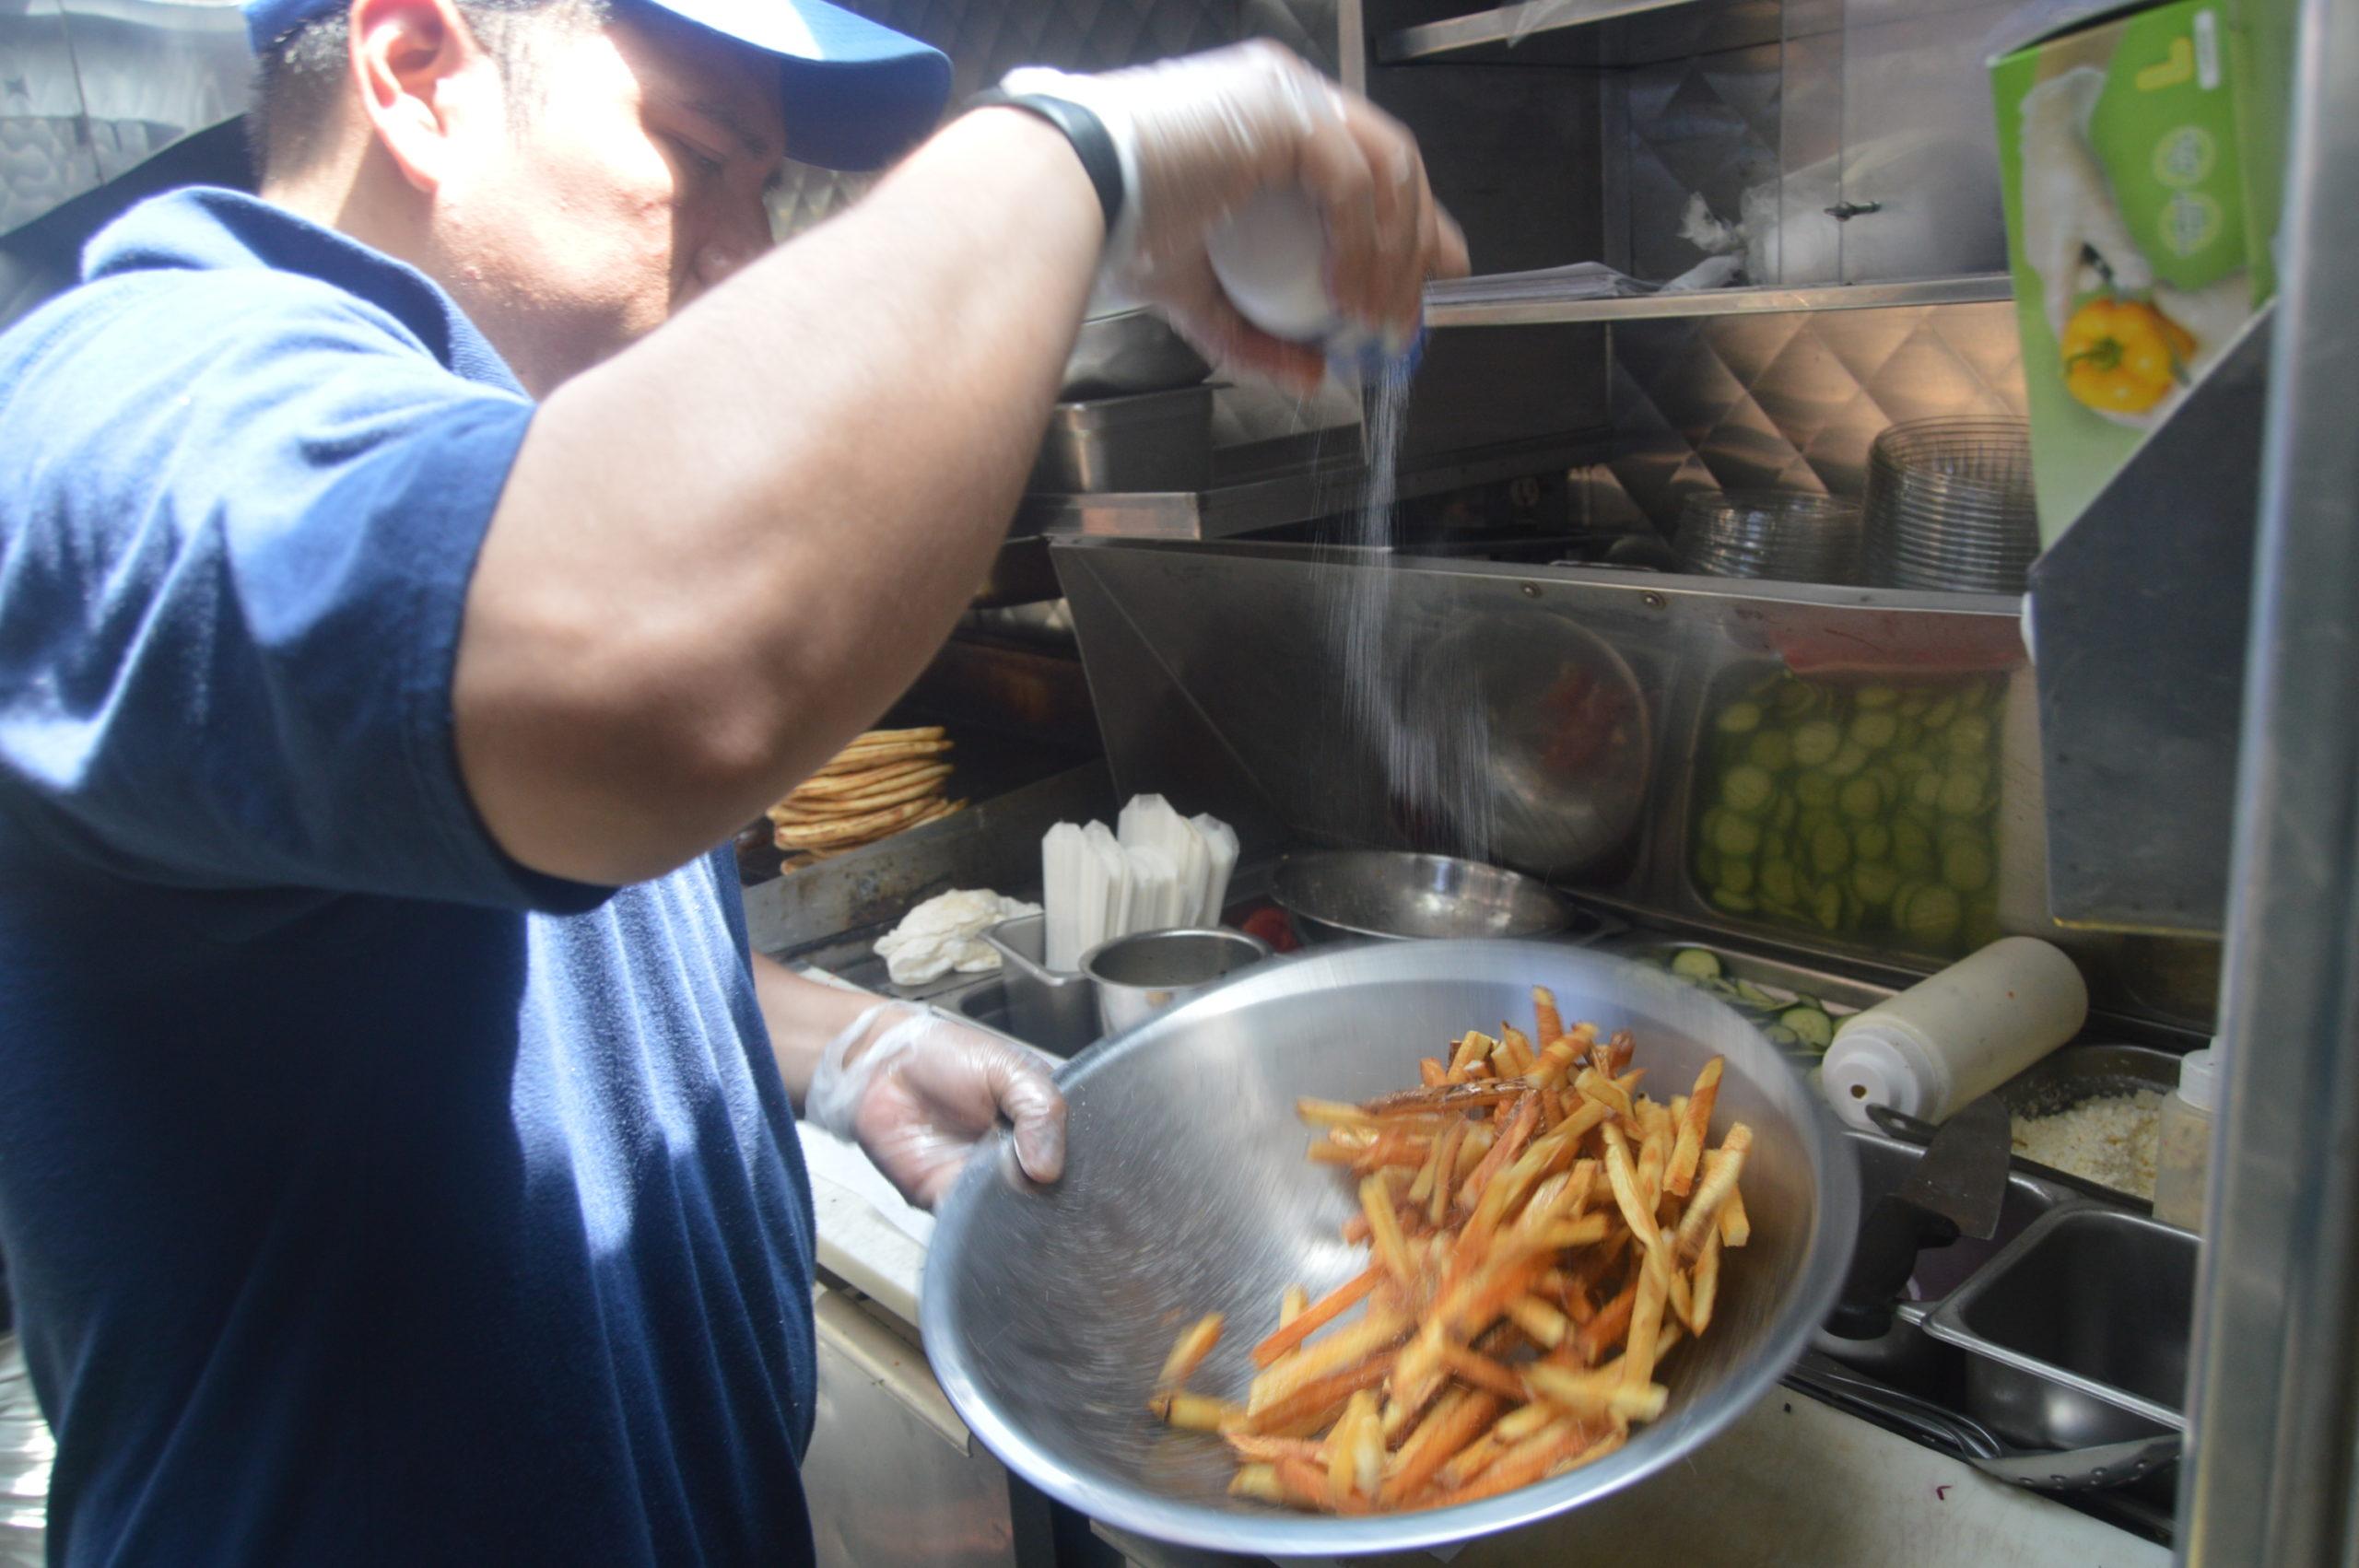 souvlaki gr food truck fries